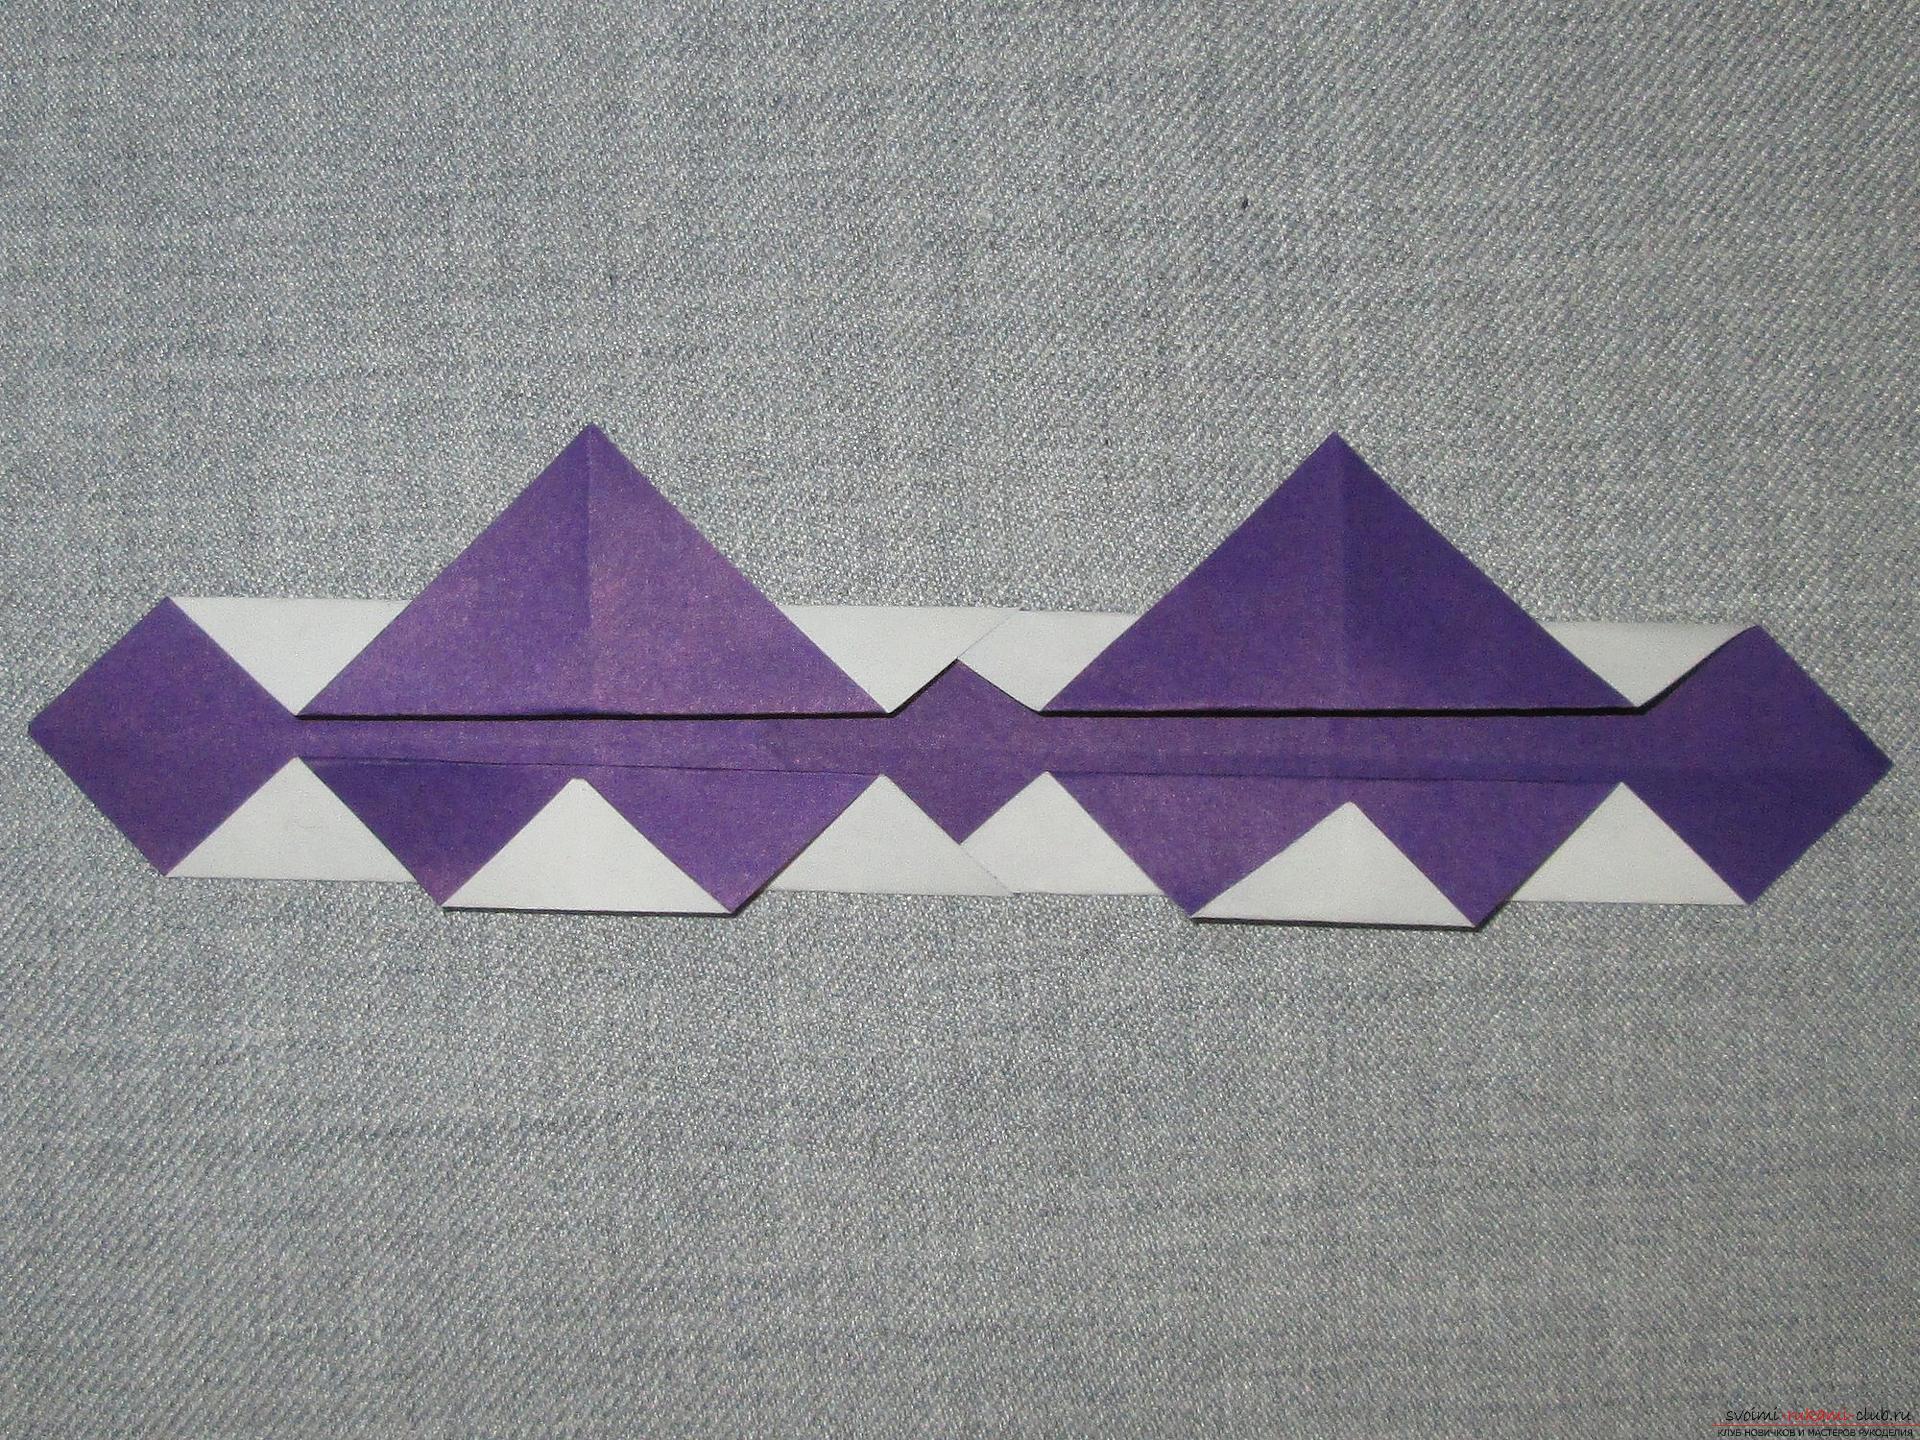 Deze gedetailleerde masterclass met foto en beschrijving leert je hoe je origami voor beginners kunt maken - origami-kroon gemaakt van papier .. Foto # 9